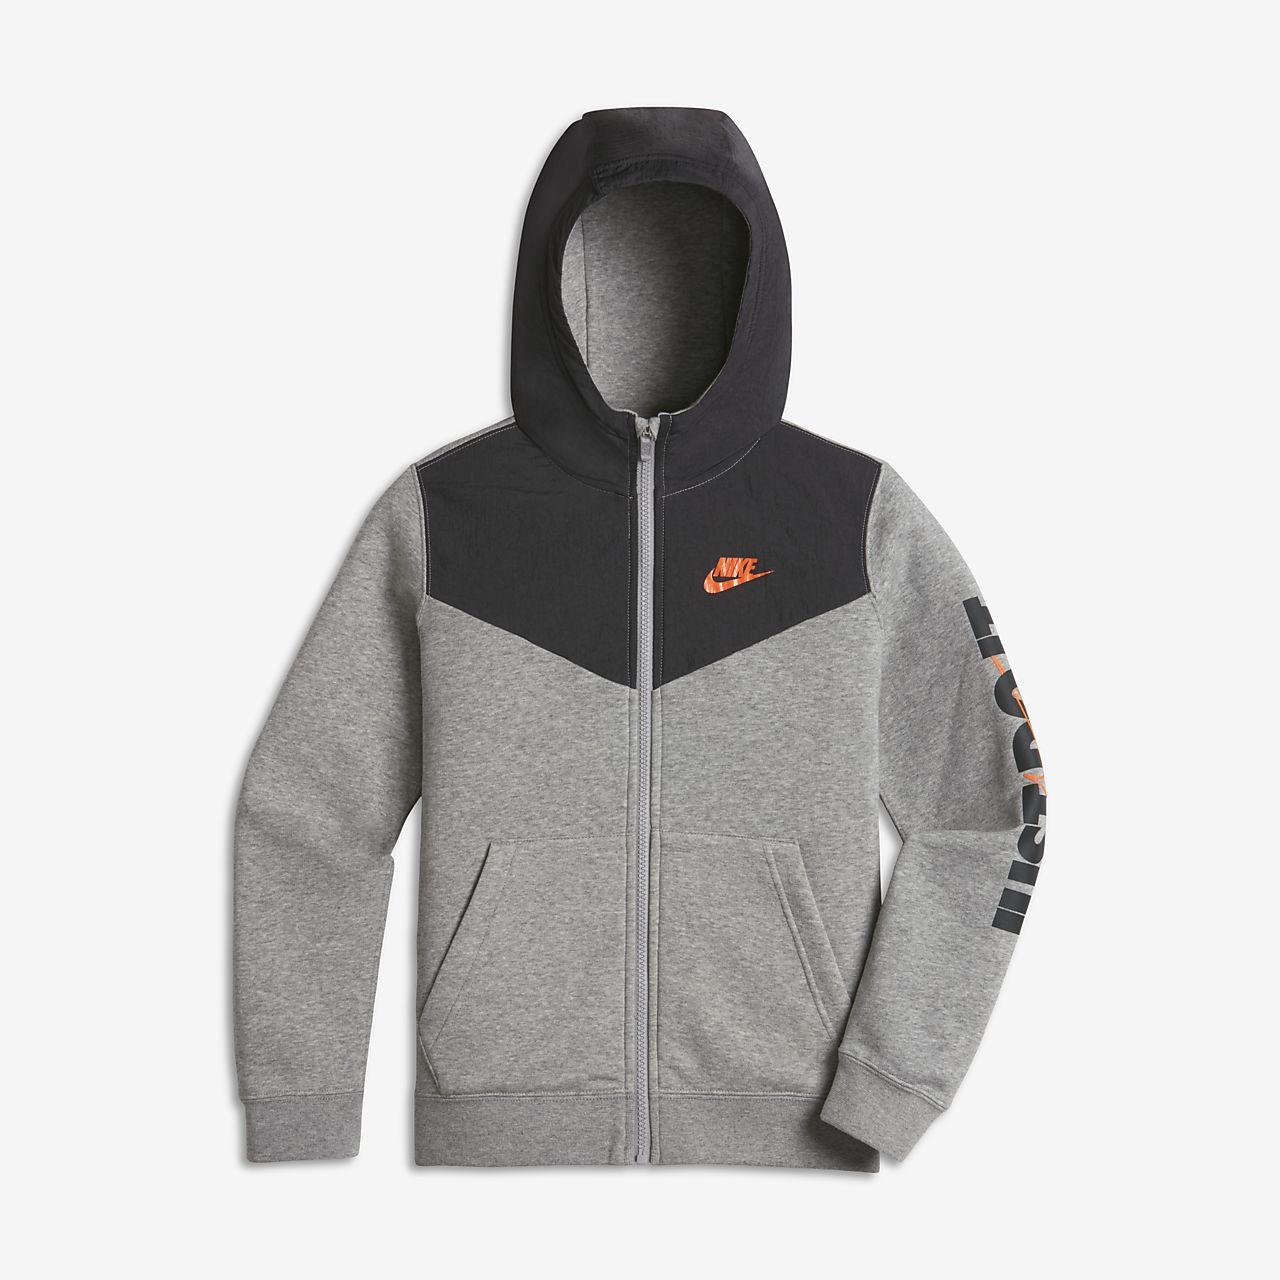 Capuche Nike Sportswear Entièrement Plus Pour Sweat Garçon Zippé À zwxRzqH